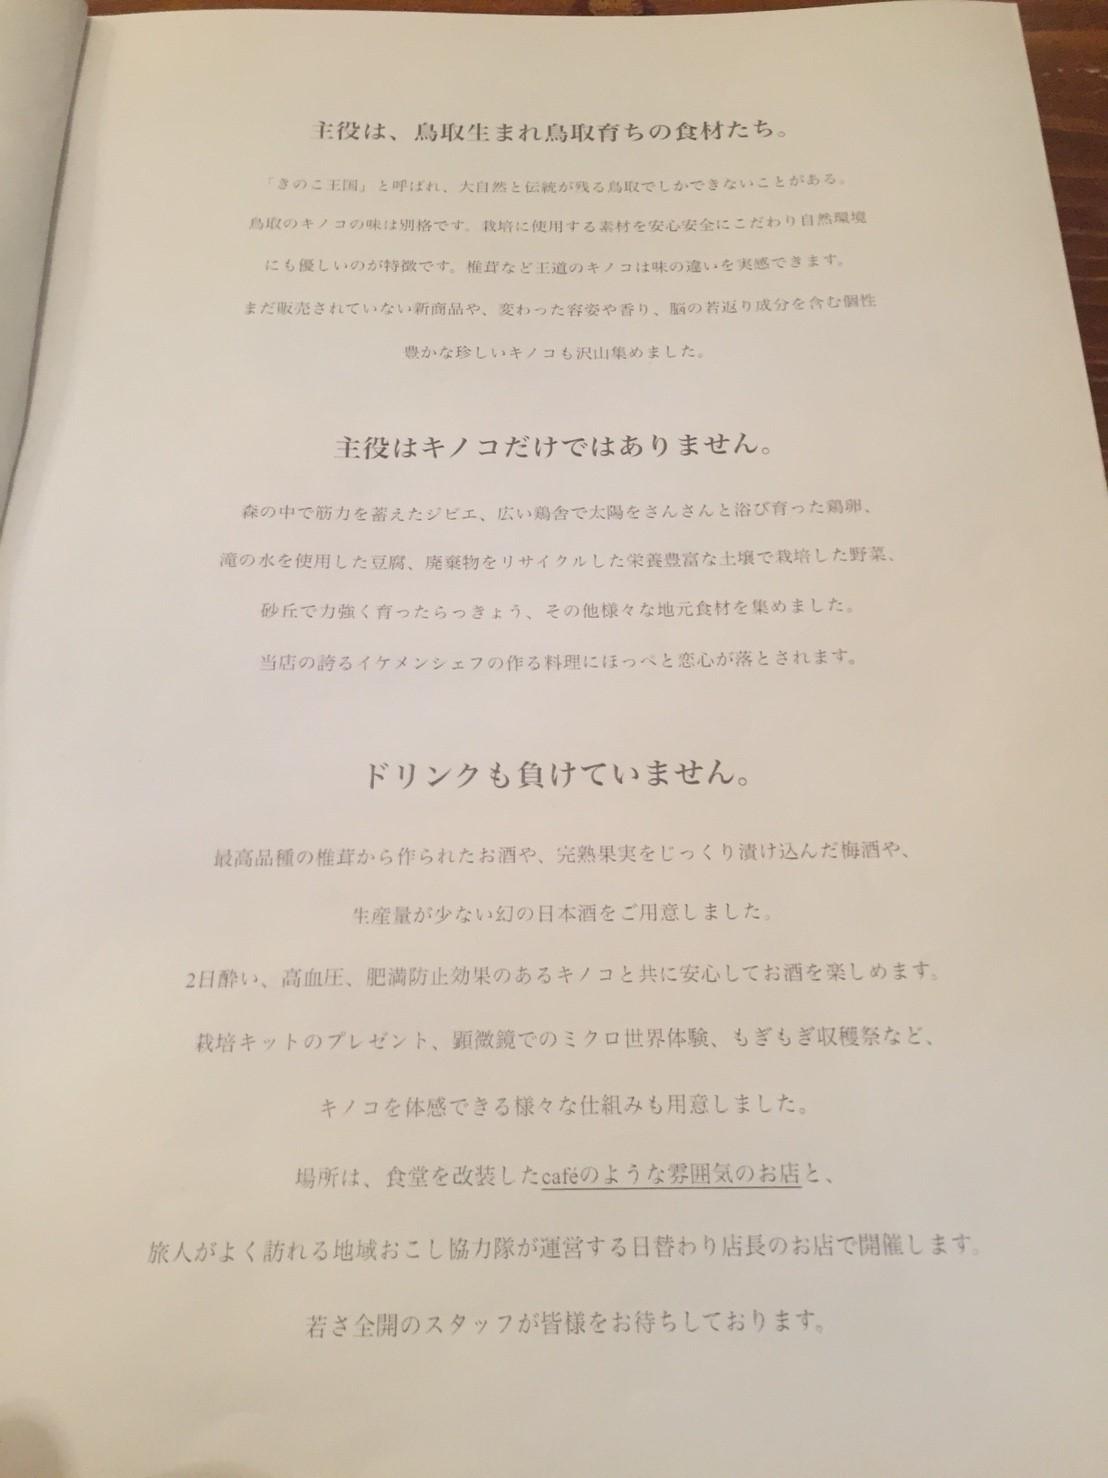 Tottoriカルマ   まっしゅROOM_e0115904_17511122.jpg